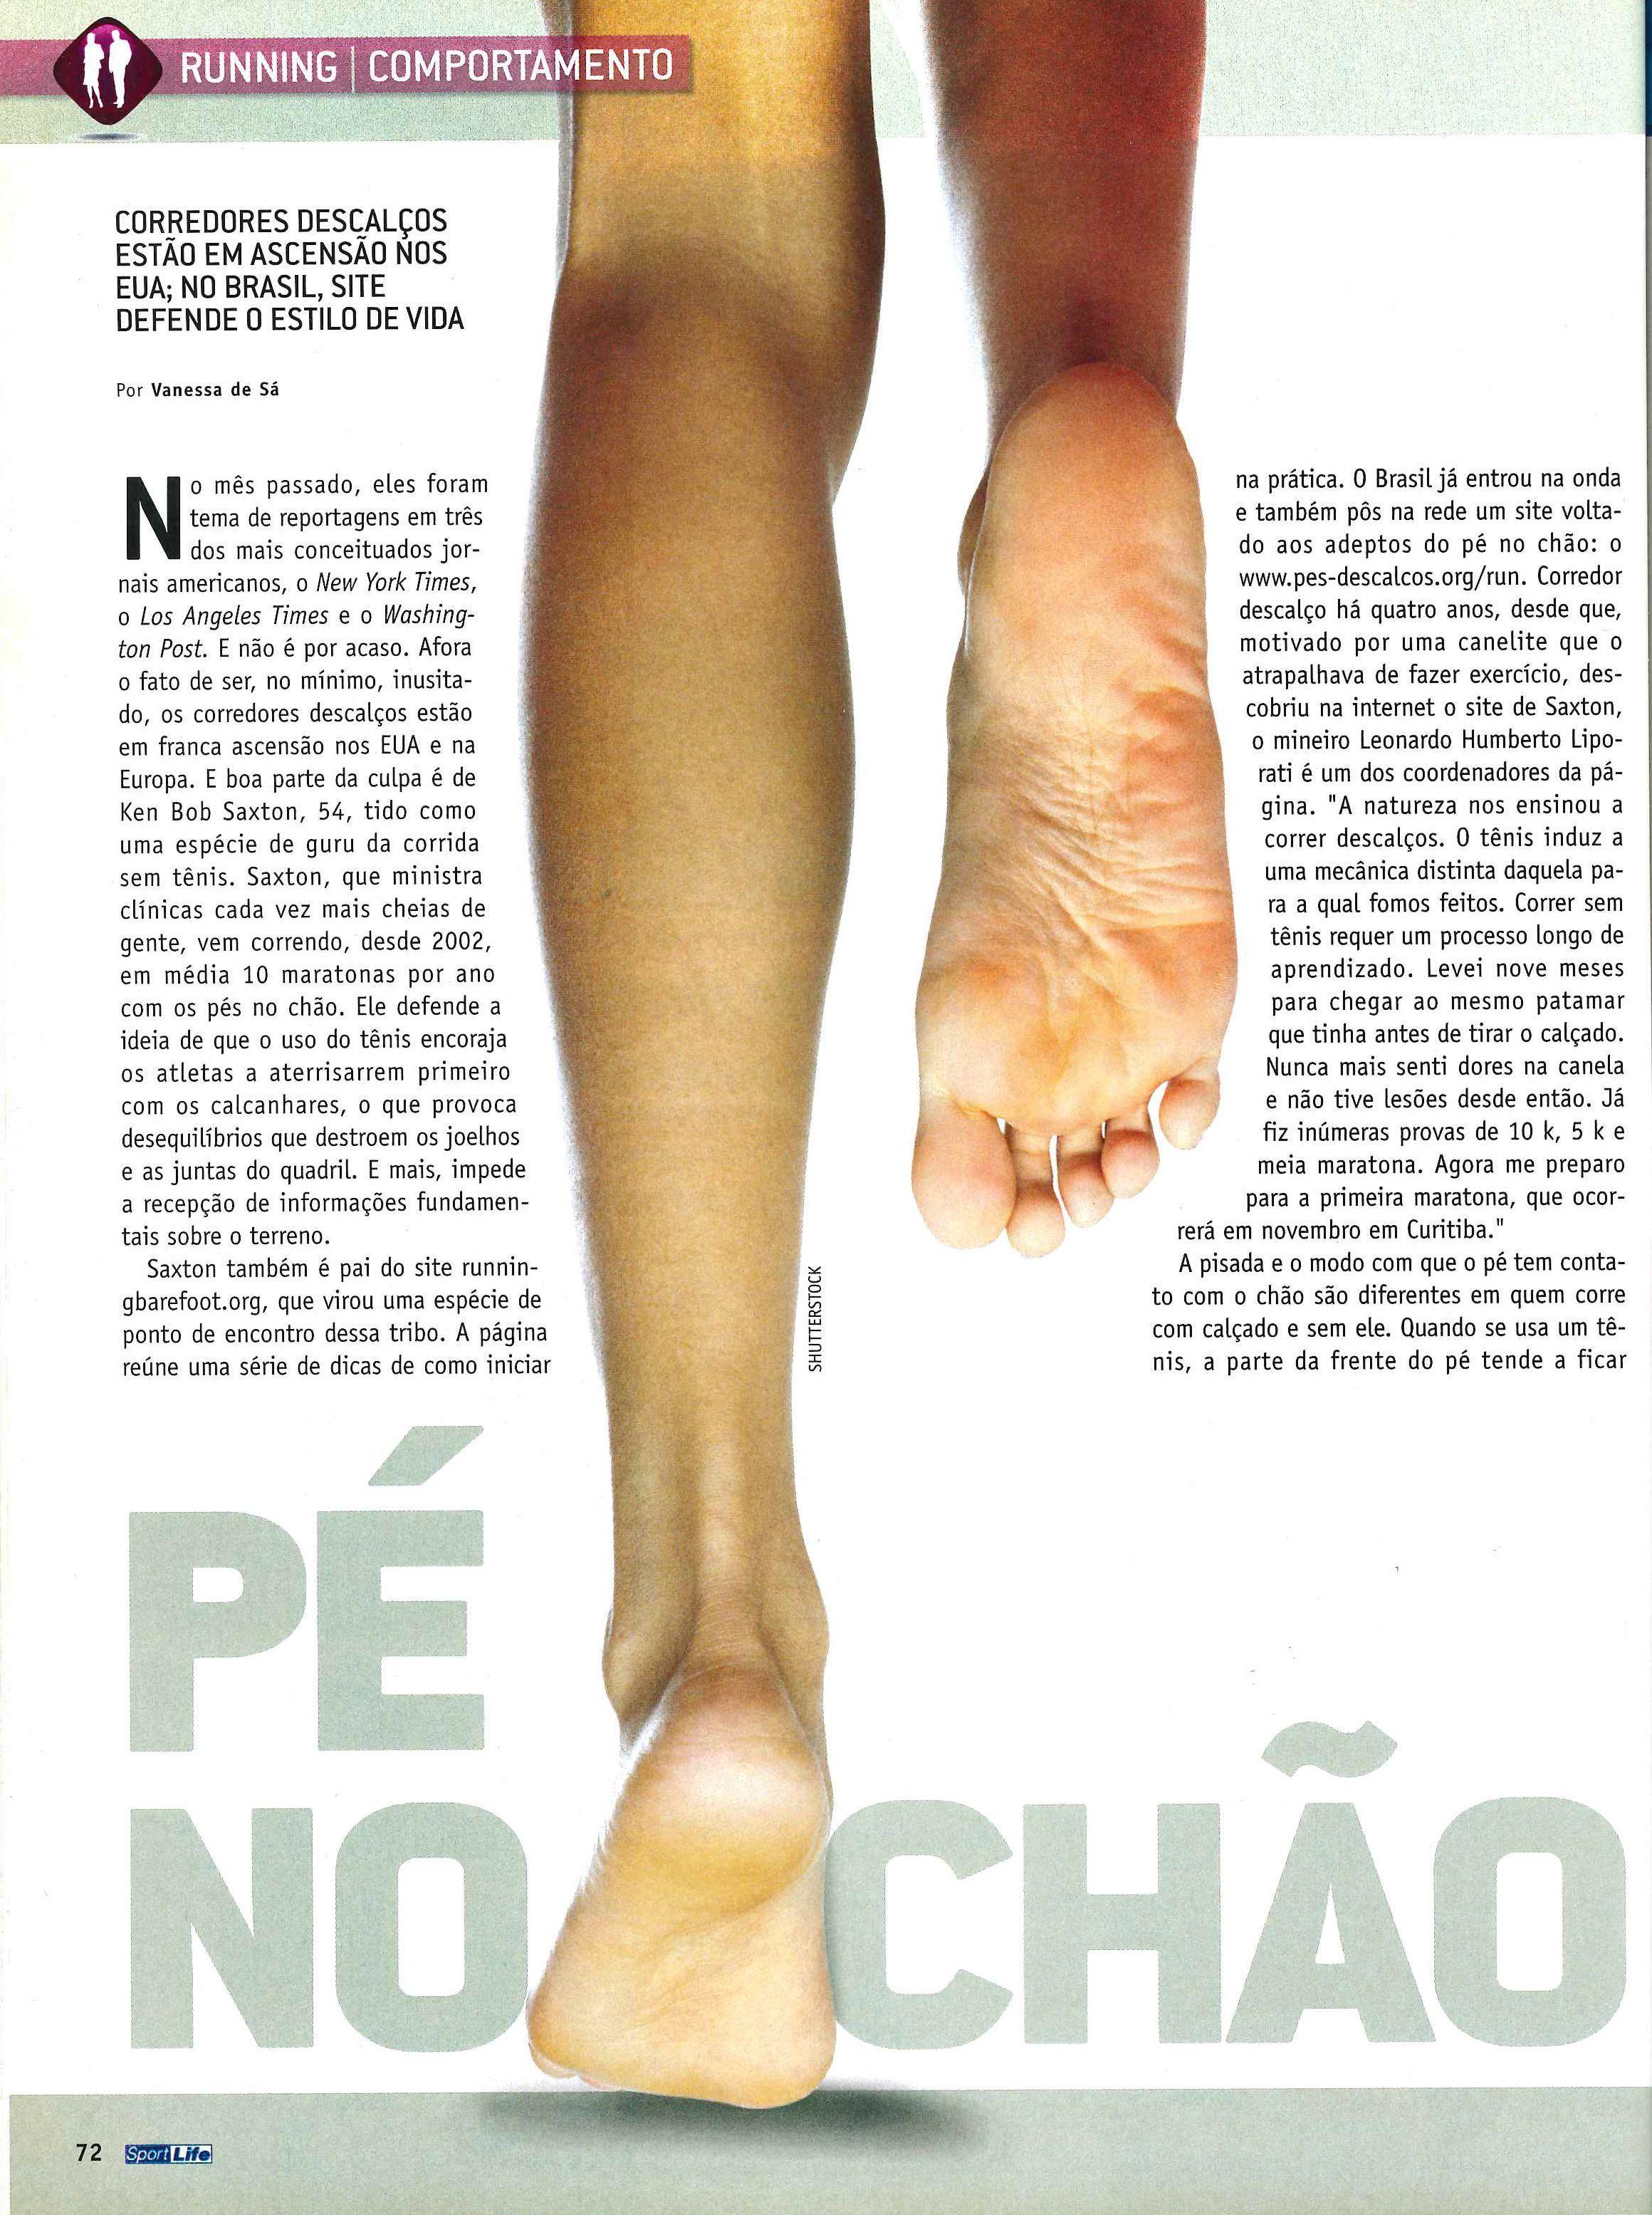 Leonardo Humberto Liporati e o site pes-descalcos.org são destaques